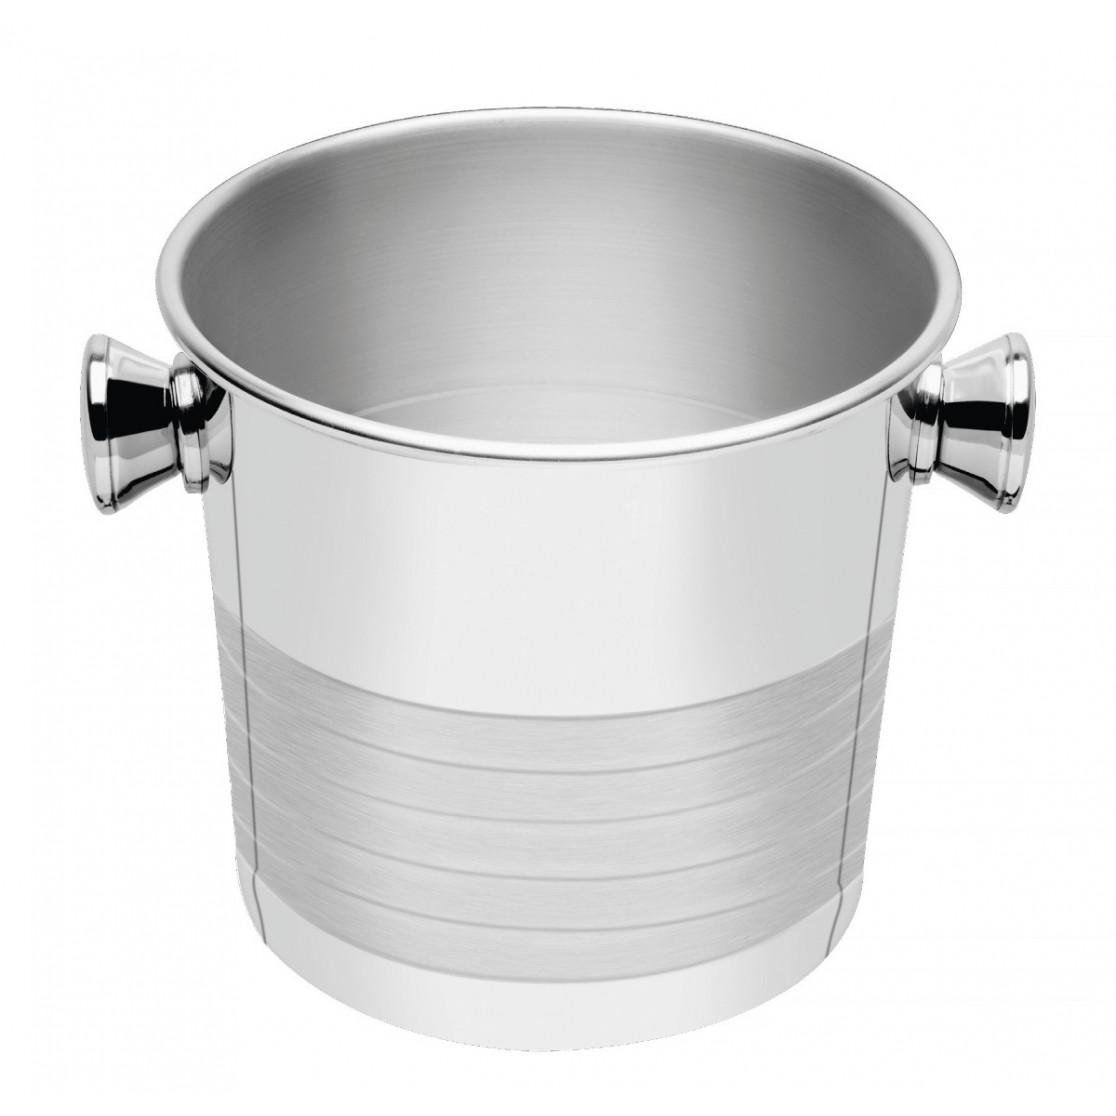 Balde Para Gelo 14 cm 1.86 L Aço Inox - Tramontina